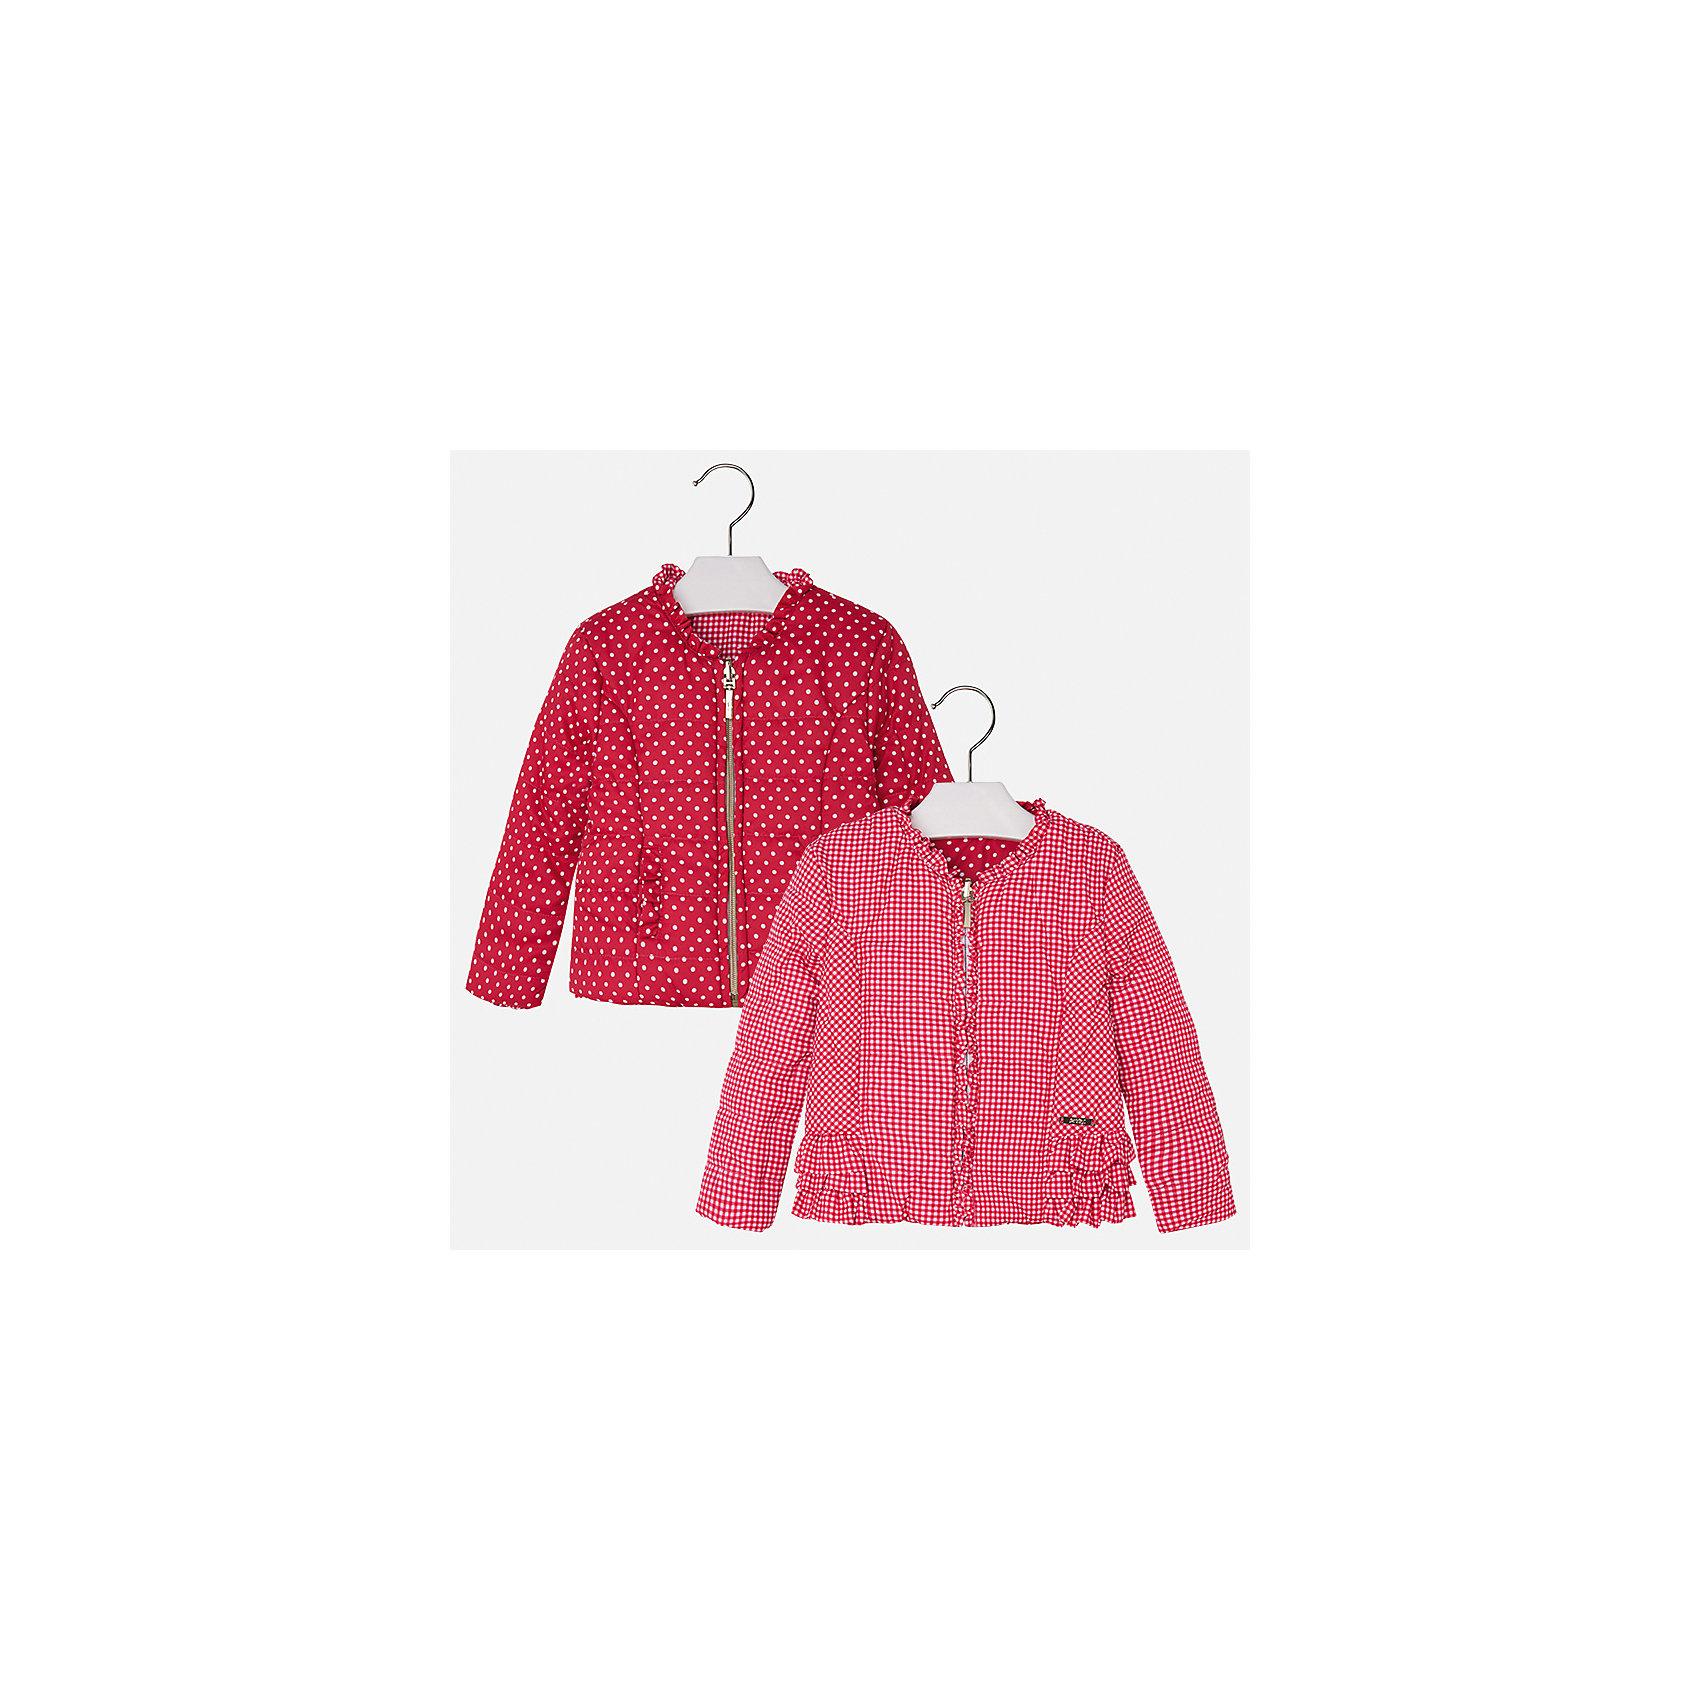 Ветровка двухстороняя для девочки MayoralВерхняя одежда<br>Характеристики товара:<br><br>• цвет: красный<br>• состав: 100% полиэстер<br>• застежка: молния<br>• оборка на вороте<br>• с длинными рукавами <br>• двухсторонняя<br>• одна сторона украшена воланами<br>• страна бренда: Испания<br><br>Стильная легкая ветровка для девочки поможет разнообразить гардероб ребенка и украсить наряд. Уникальна модель тем, что её можно вывернуть - и в распоряжении ребенка еще одна куртка, выполненная в другом стиле! Она отлично сочетается и с юбками, и с брюками. Красивый цвет позволяет подобрать к вещи низ различных расцветок. Интересная отделка модели делает её нарядной и стильной. Оригинальной и модной куртку делает крой.<br><br>Одежда, обувь и аксессуары от испанского бренда Mayoral полюбились детям и взрослым по всему миру. Модели этой марки - стильные и удобные. Для их производства используются только безопасные, качественные материалы и фурнитура. Порадуйте ребенка модными и красивыми вещами от Mayoral! <br><br>Ветровку для девочки от испанского бренда Mayoral (Майорал) можно купить в нашем интернет-магазине.<br><br>Ширина мм: 356<br>Глубина мм: 10<br>Высота мм: 245<br>Вес г: 519<br>Цвет: красный<br>Возраст от месяцев: 96<br>Возраст до месяцев: 108<br>Пол: Женский<br>Возраст: Детский<br>Размер: 134,92,98,104,110,116,122,128<br>SKU: 5290224